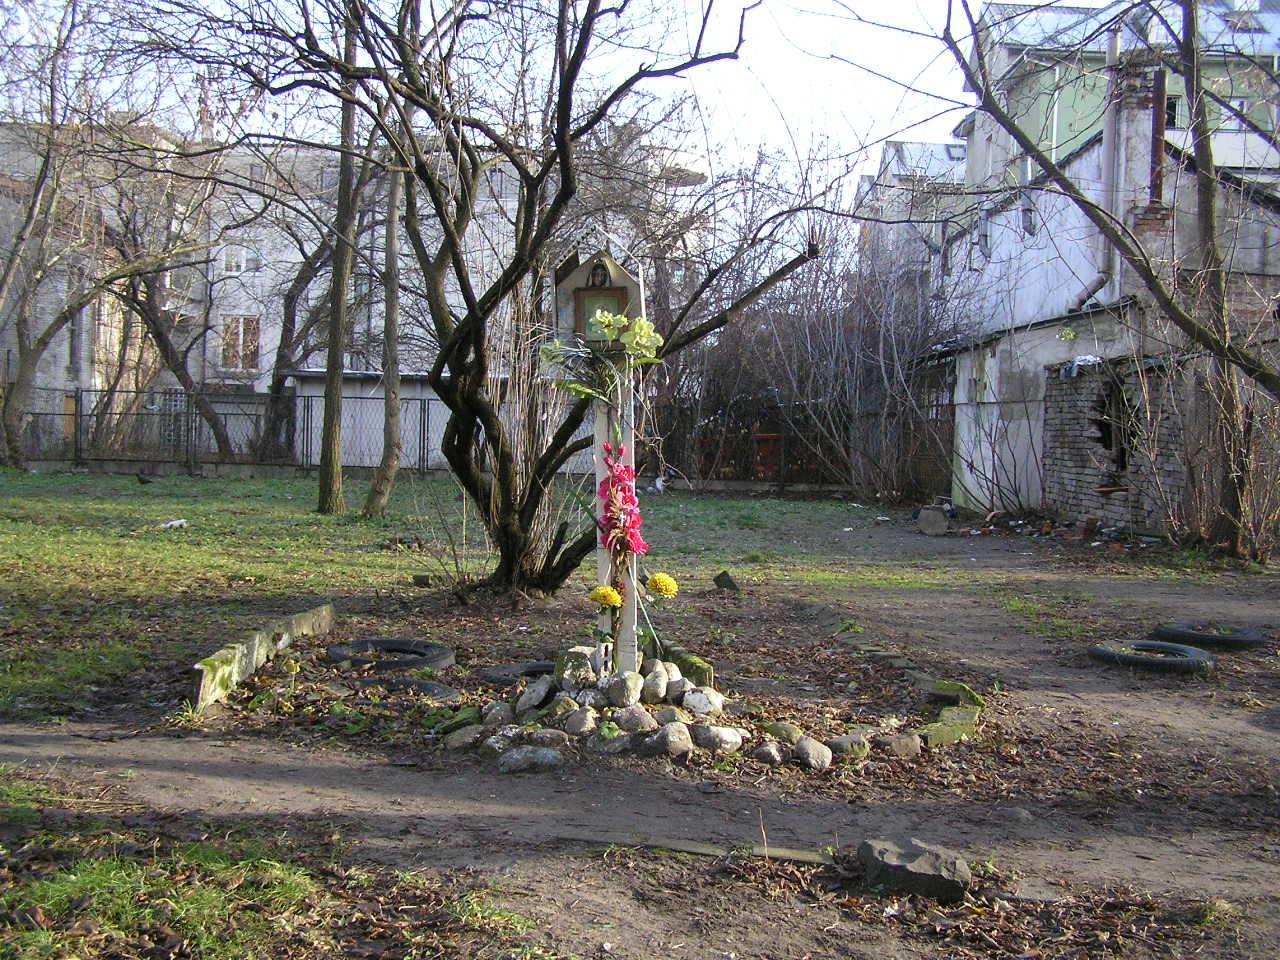 Kapliczka przy ulicy Wiatracznej 28A na Grochowie